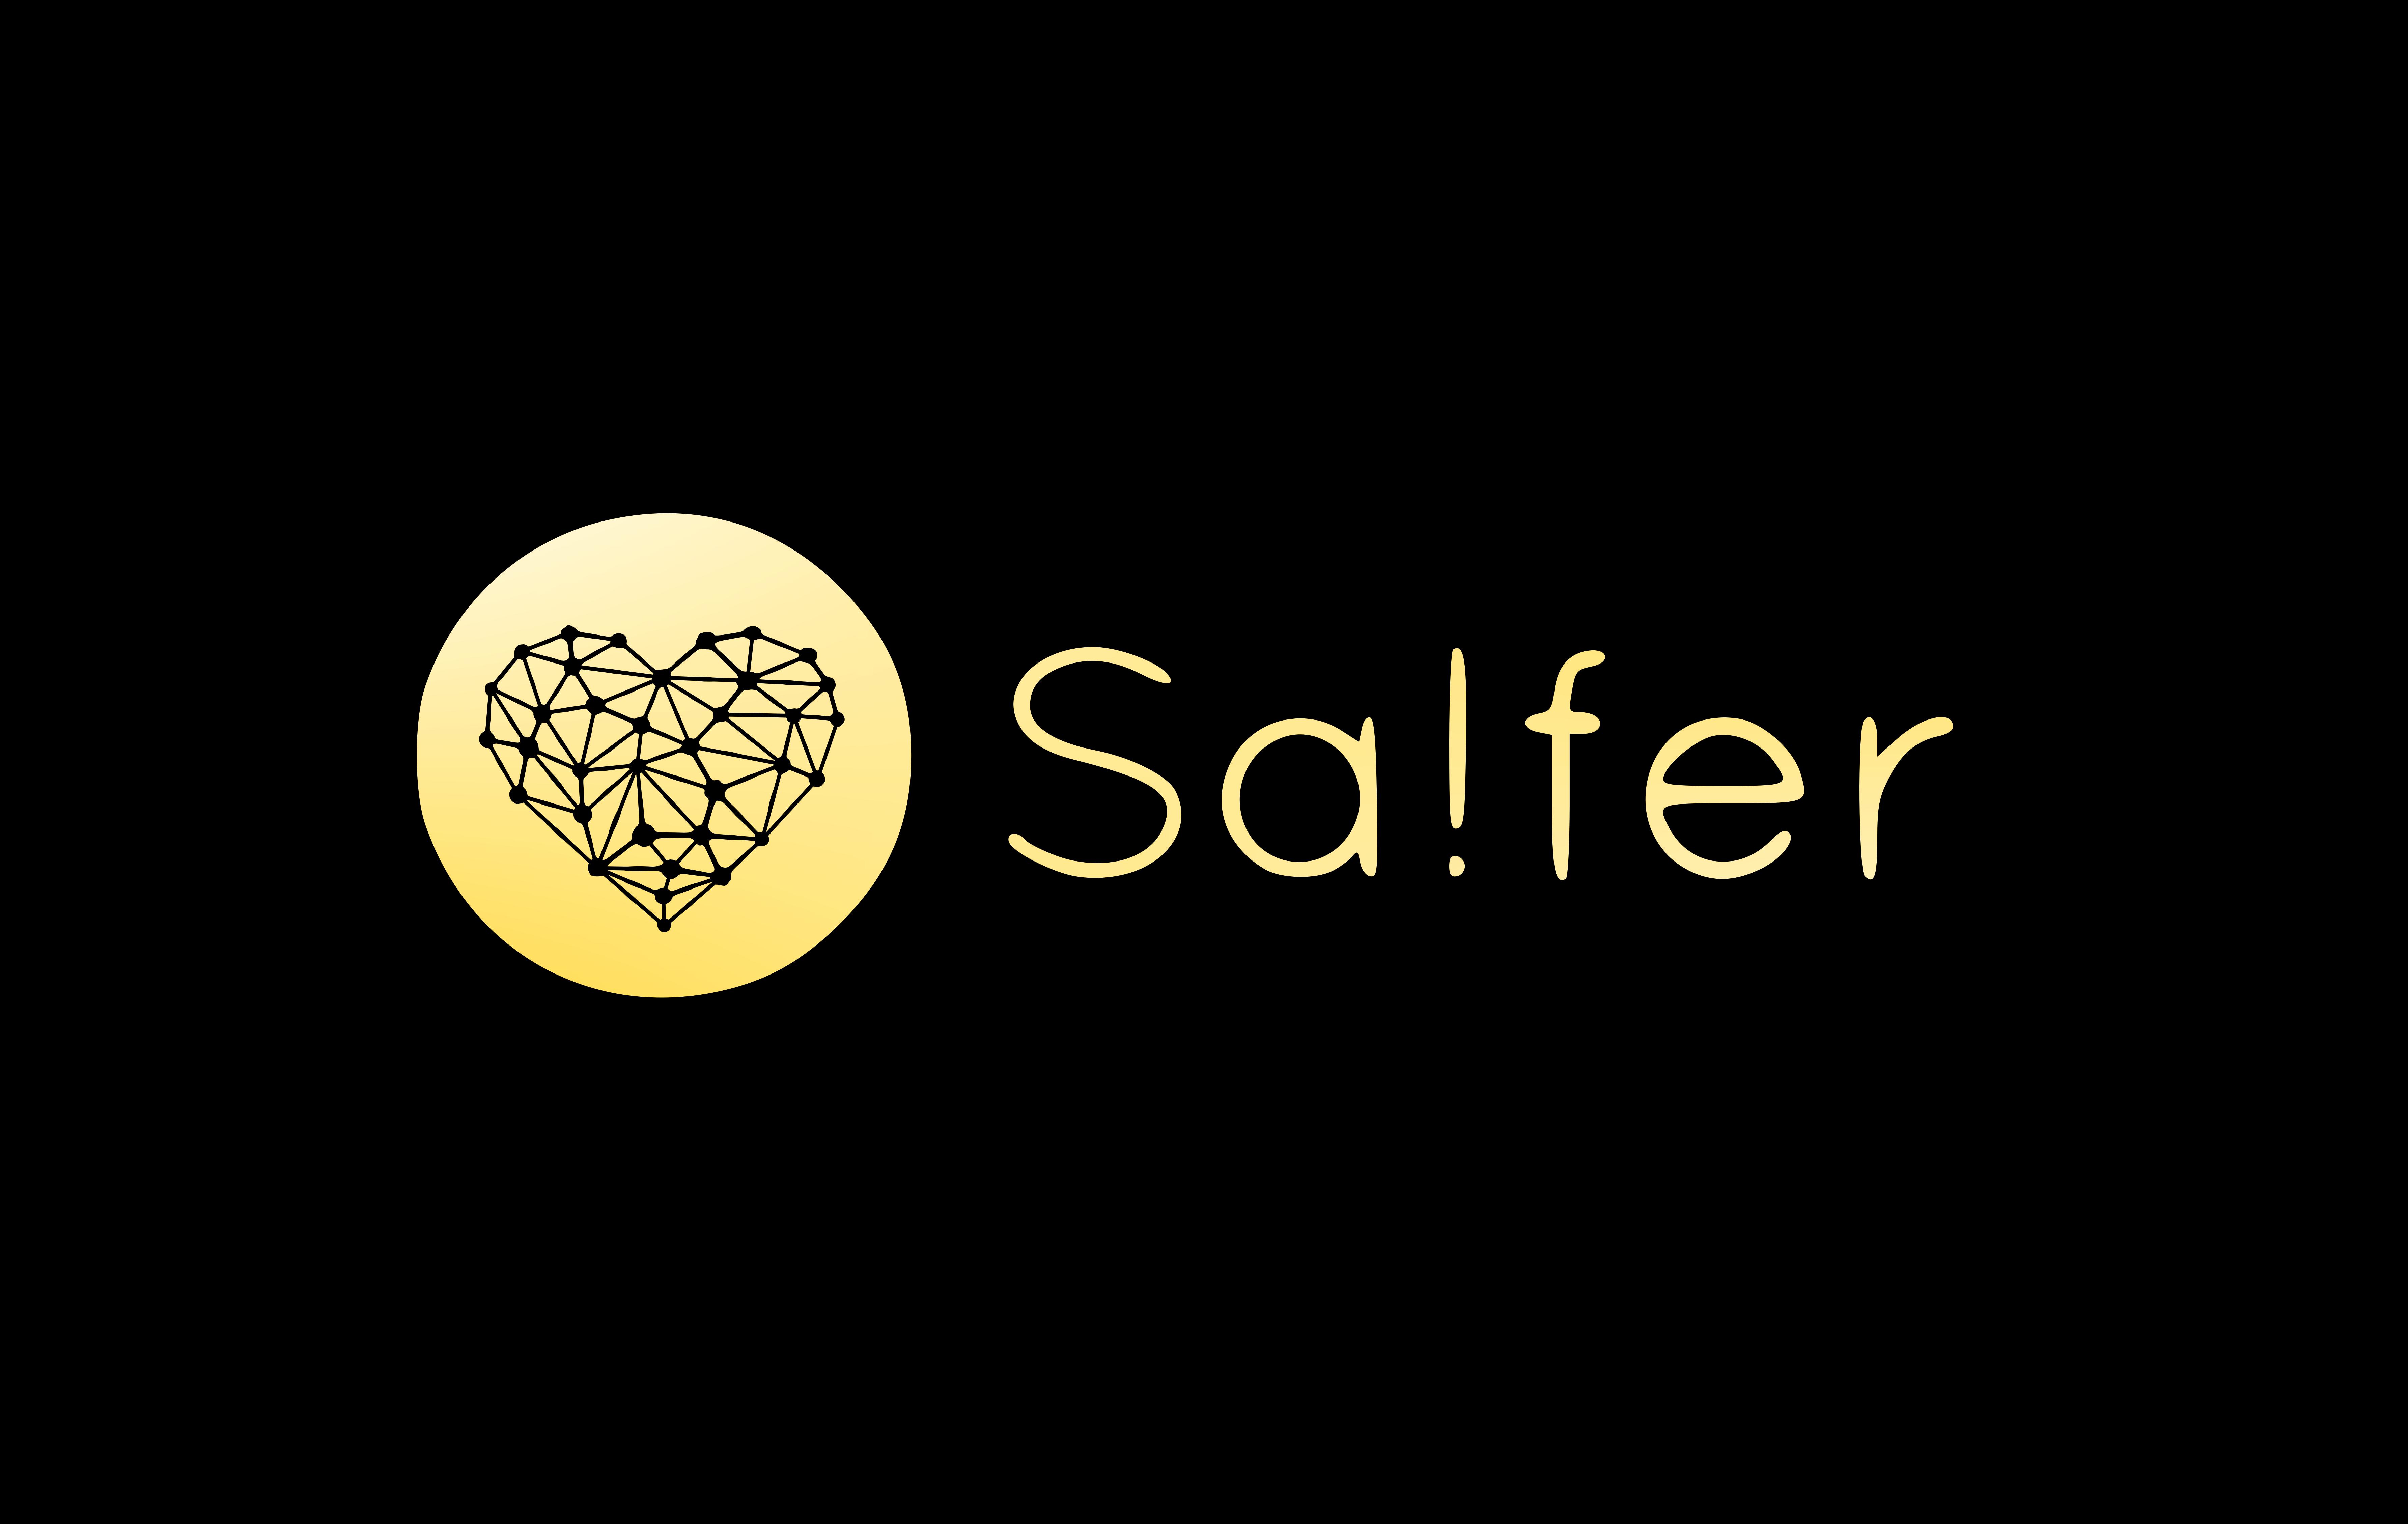 Saifer